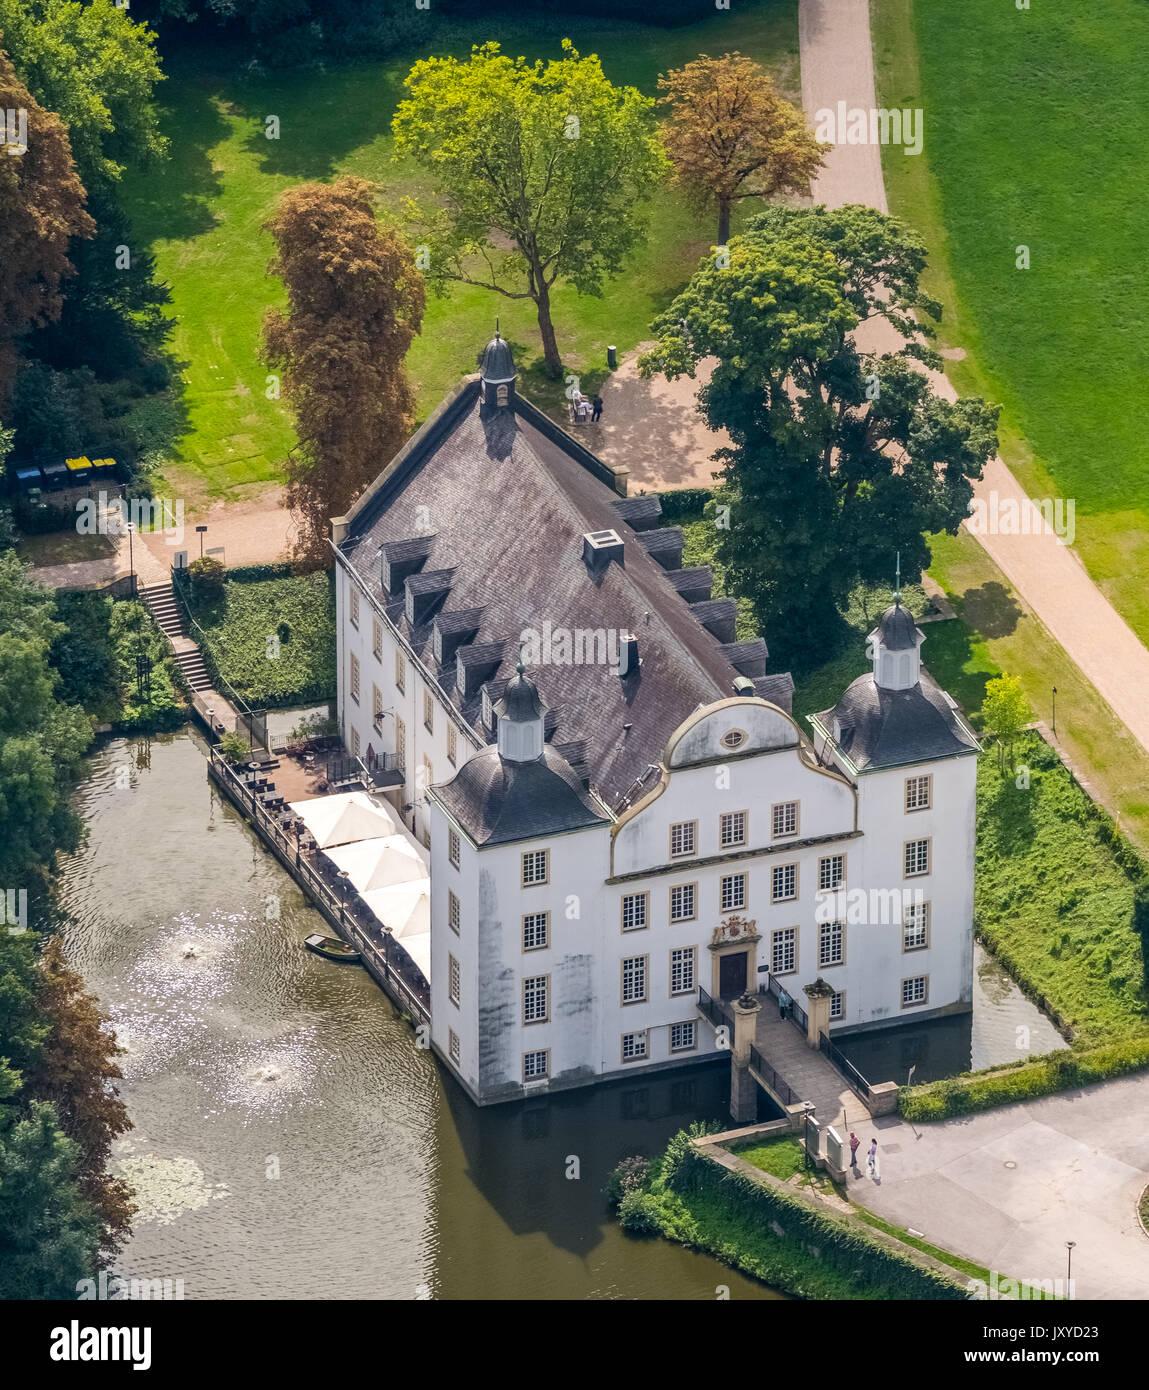 Schloss Borbeck, barocke Wasserschloss, Haupthaus und eine längliche, landwirtschaftliche Gebäude, geschweiften Giebel, Schlosspark ist konzipiert als englischer Landschaft Garde Stockbild